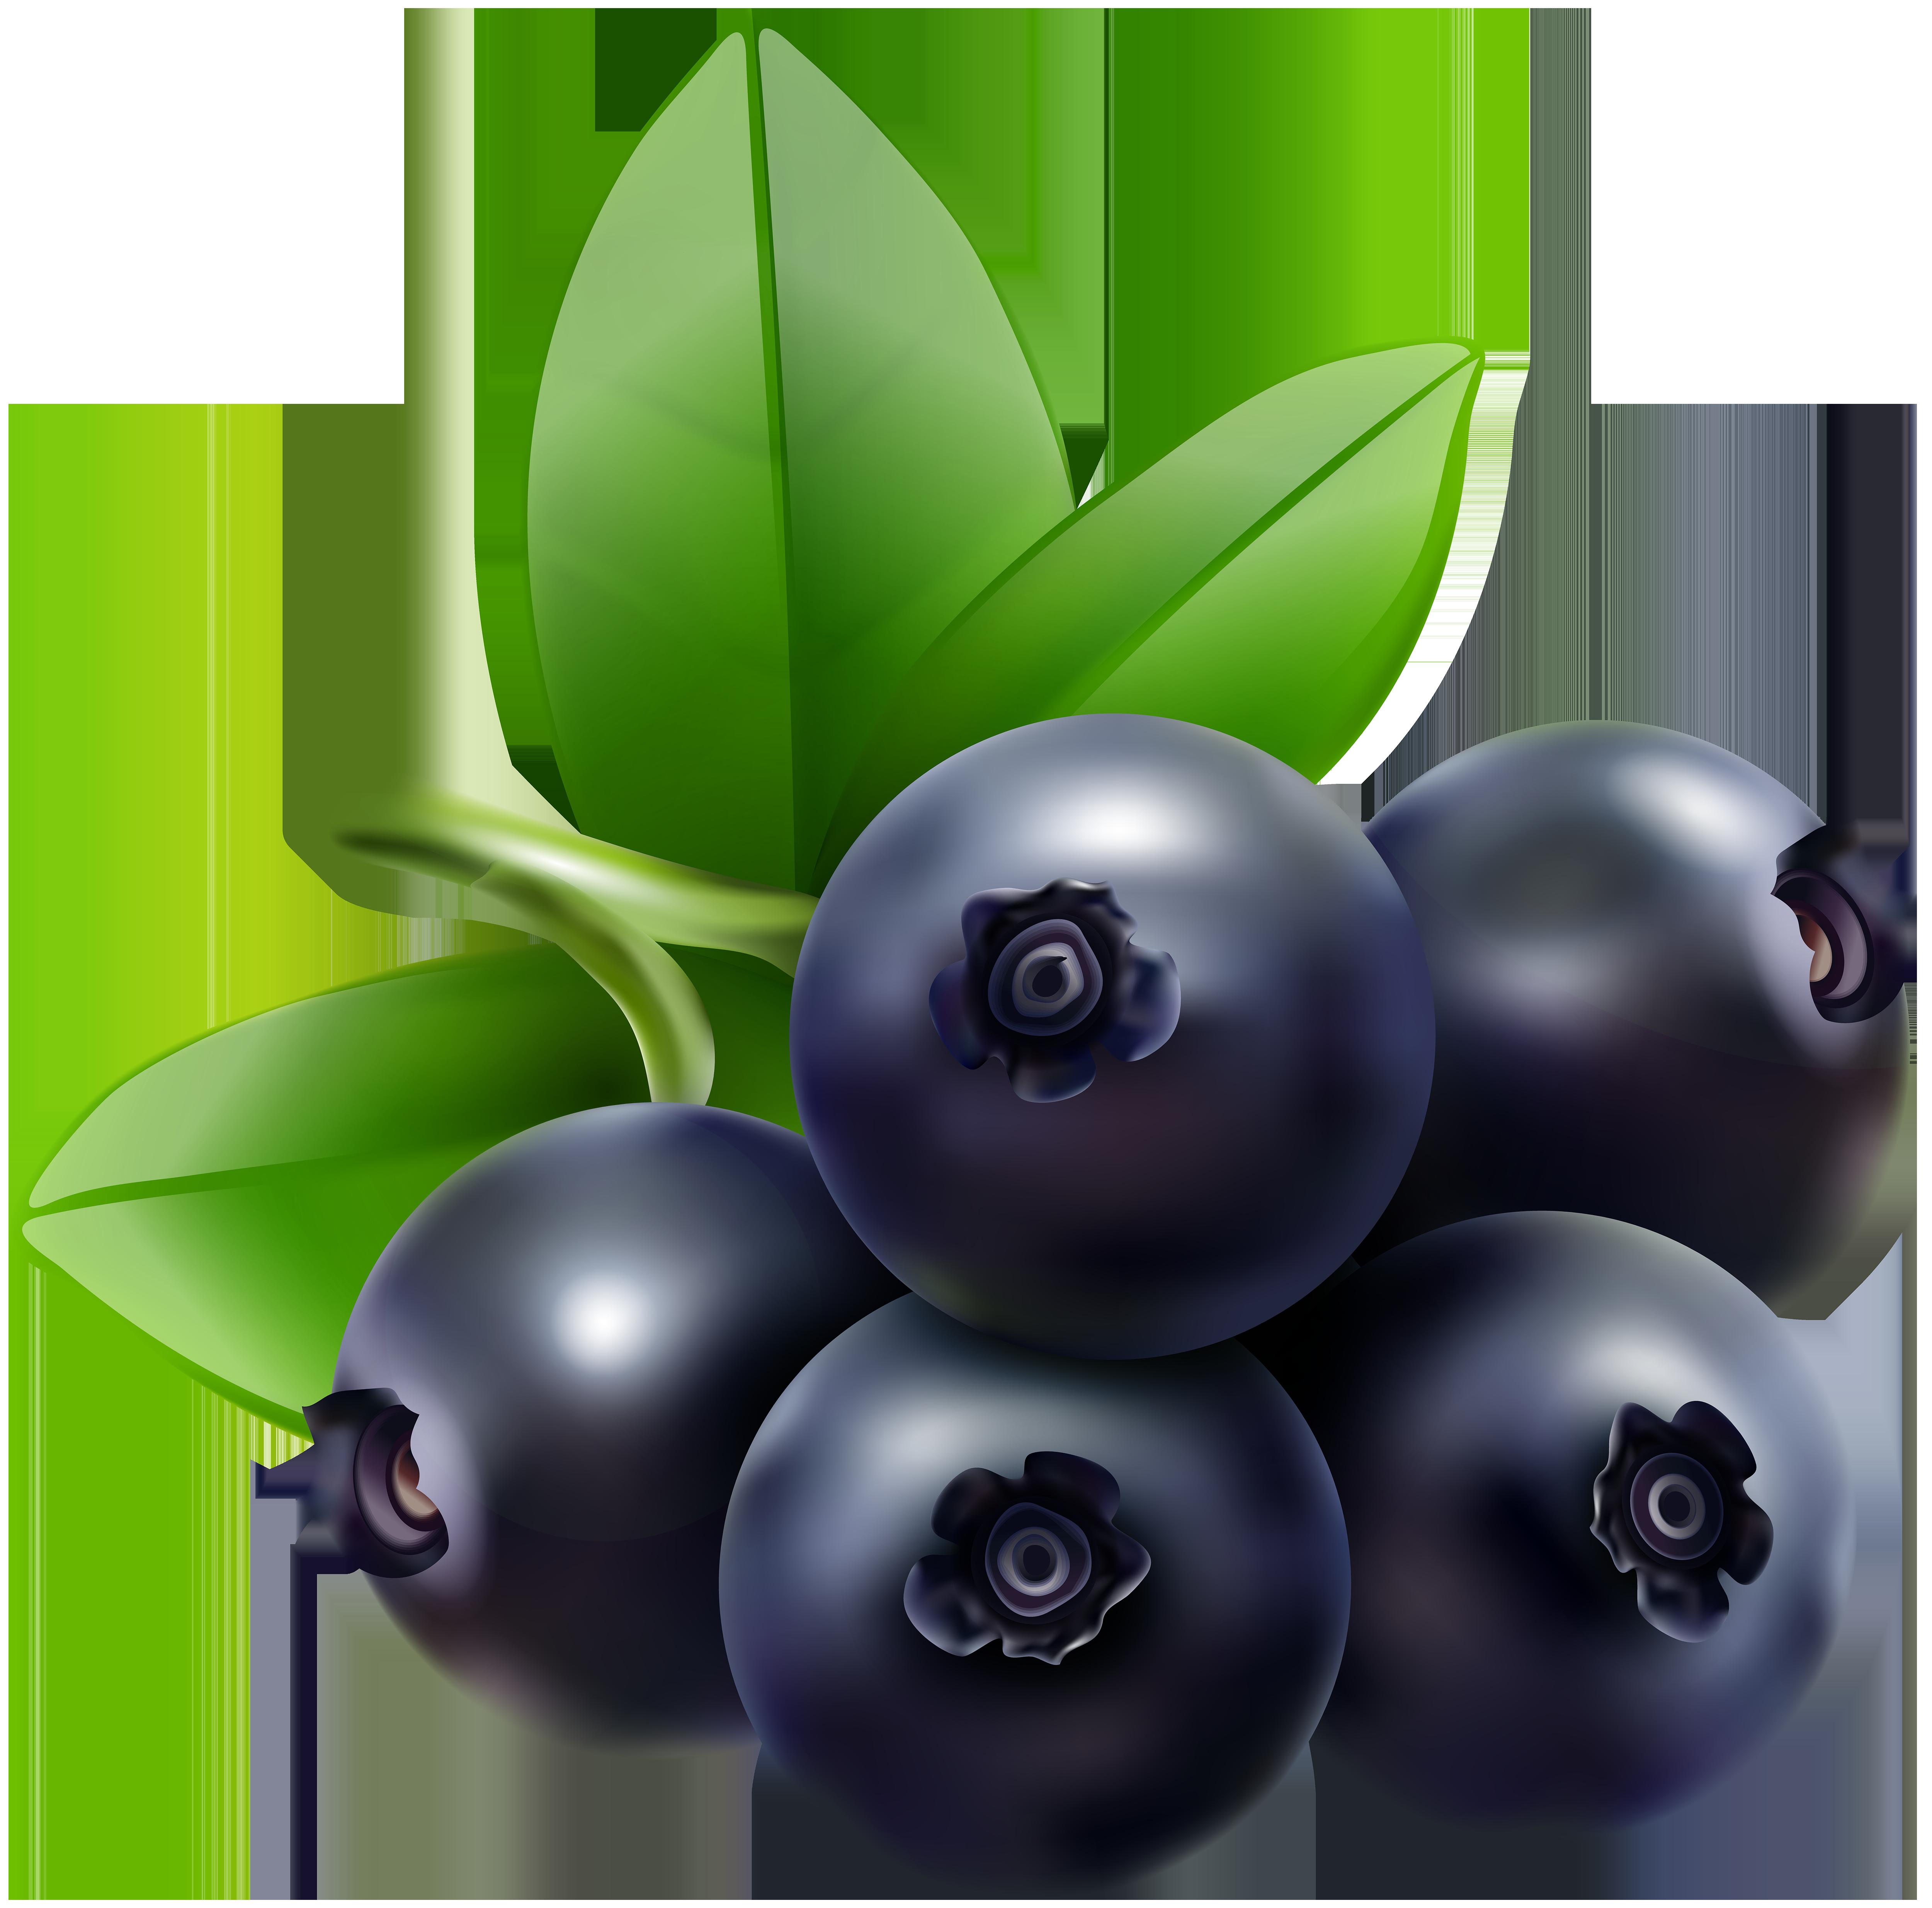 Blueberry Transparent Clip Art Image.